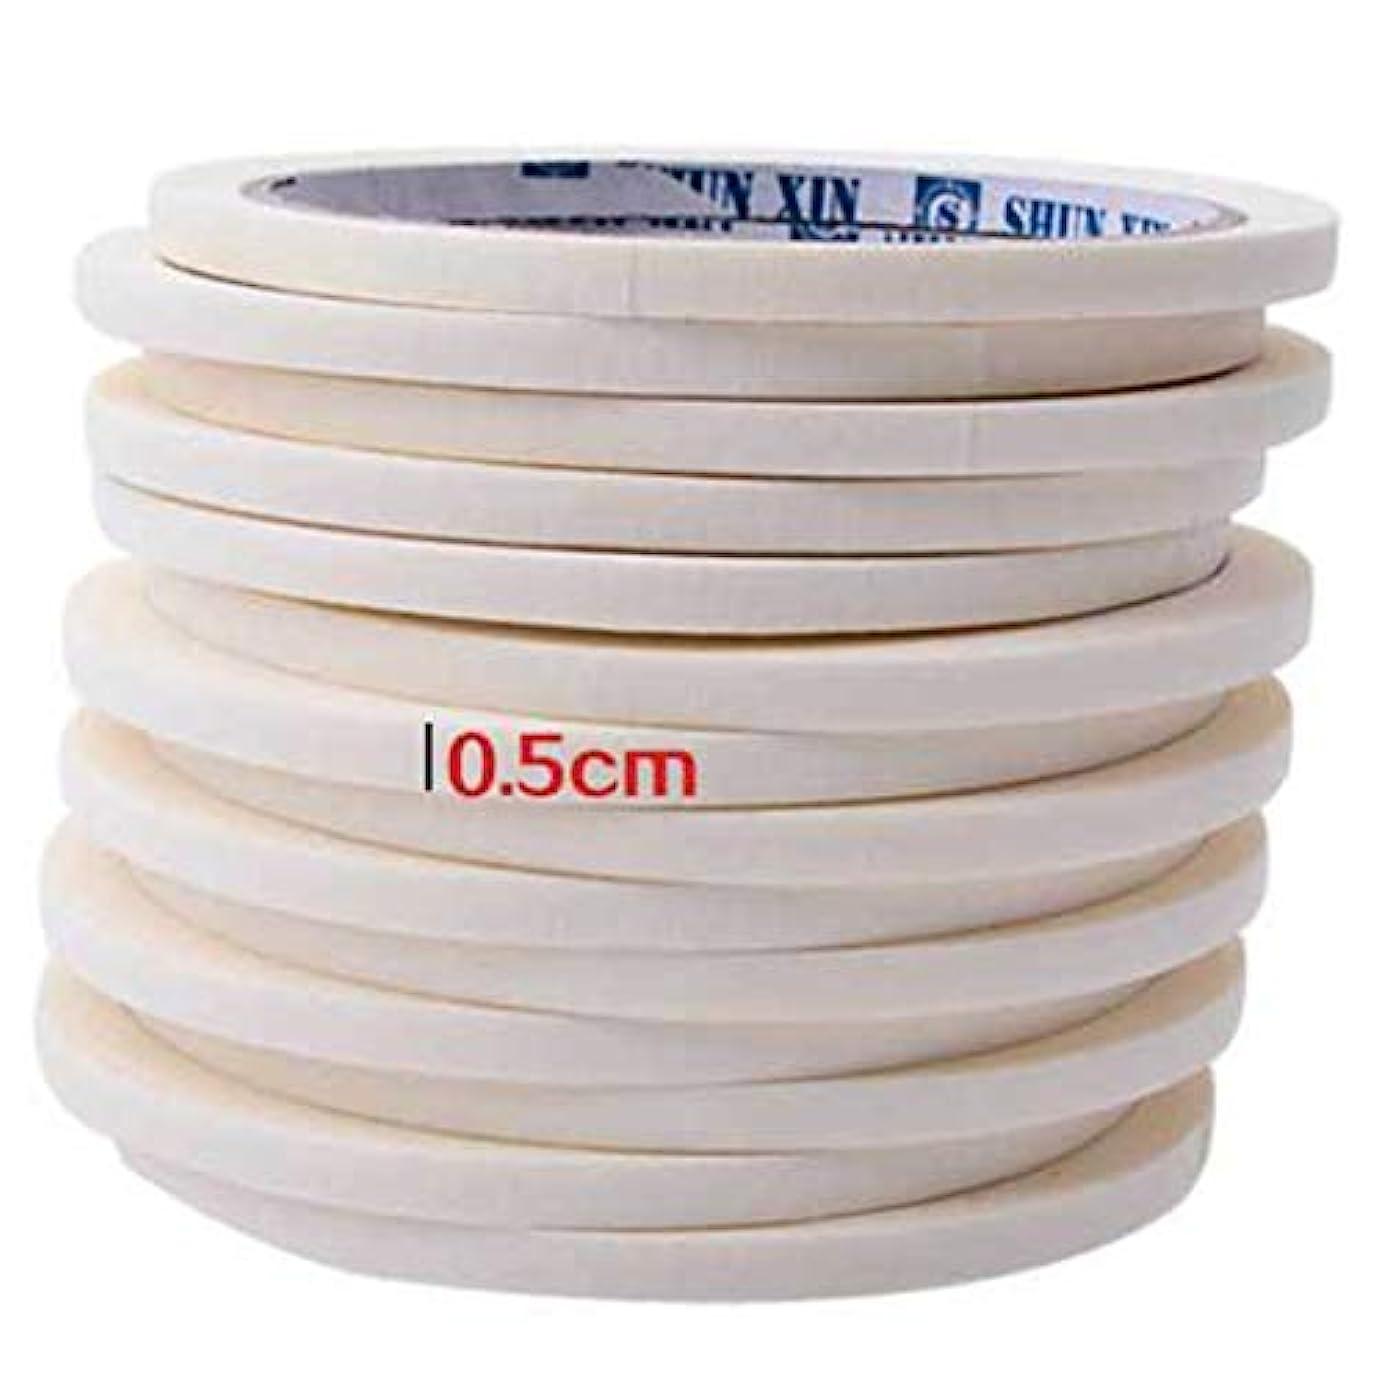 ミュート懸念ビジュアルBirdlanternネイルテープ0.5センチマスキングテープ装飾パターンネイルポリッシュツールマニキュアネイルアートネイルテープアクセサリー用マニキュア